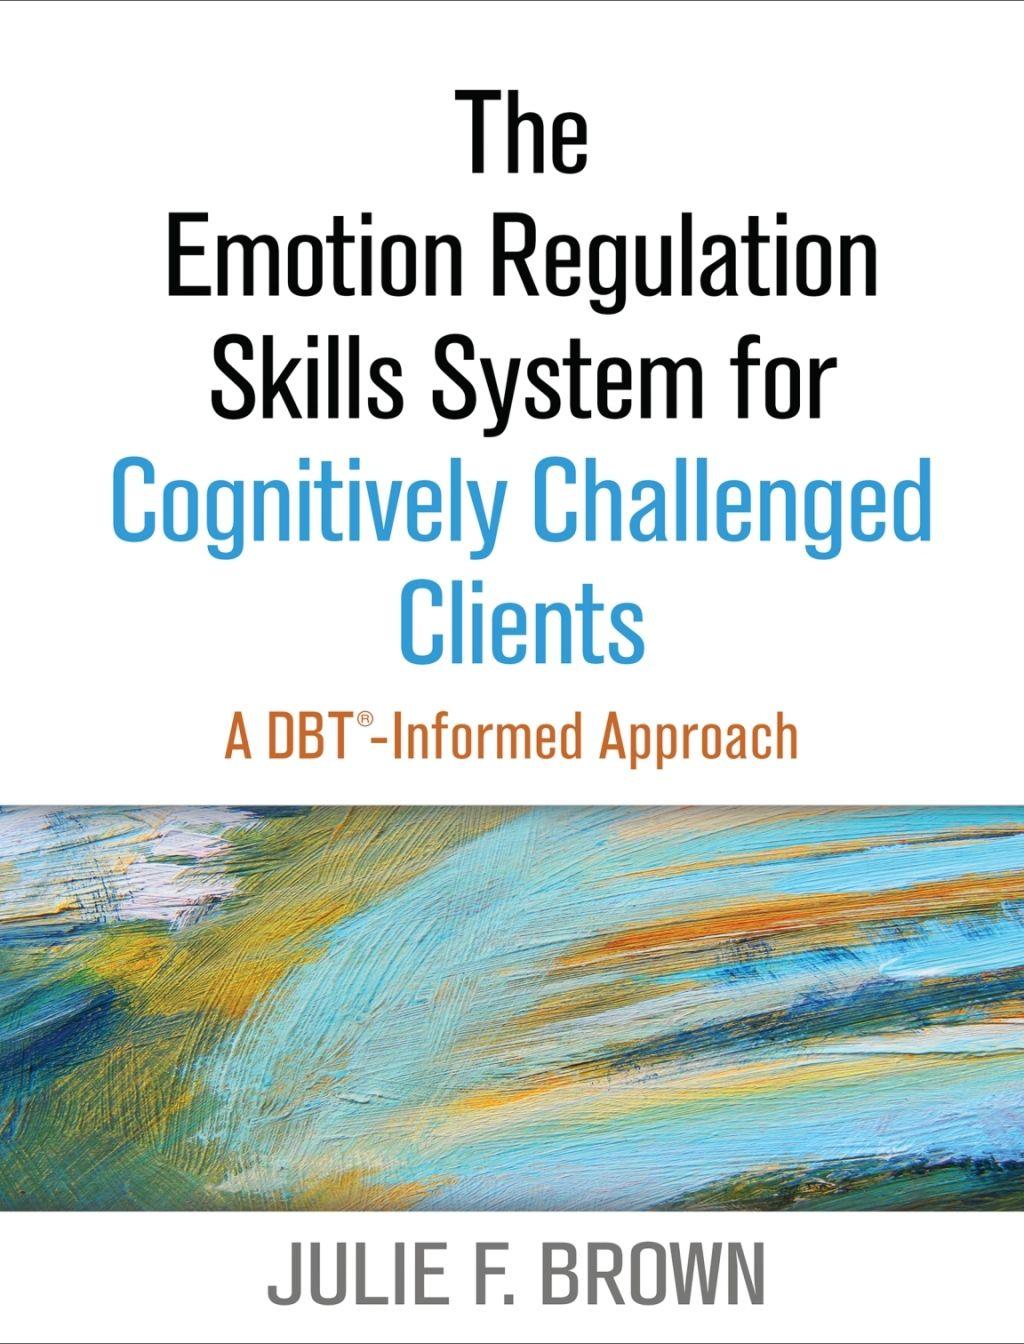 The Emotion Regulation Skills System For Cognitively